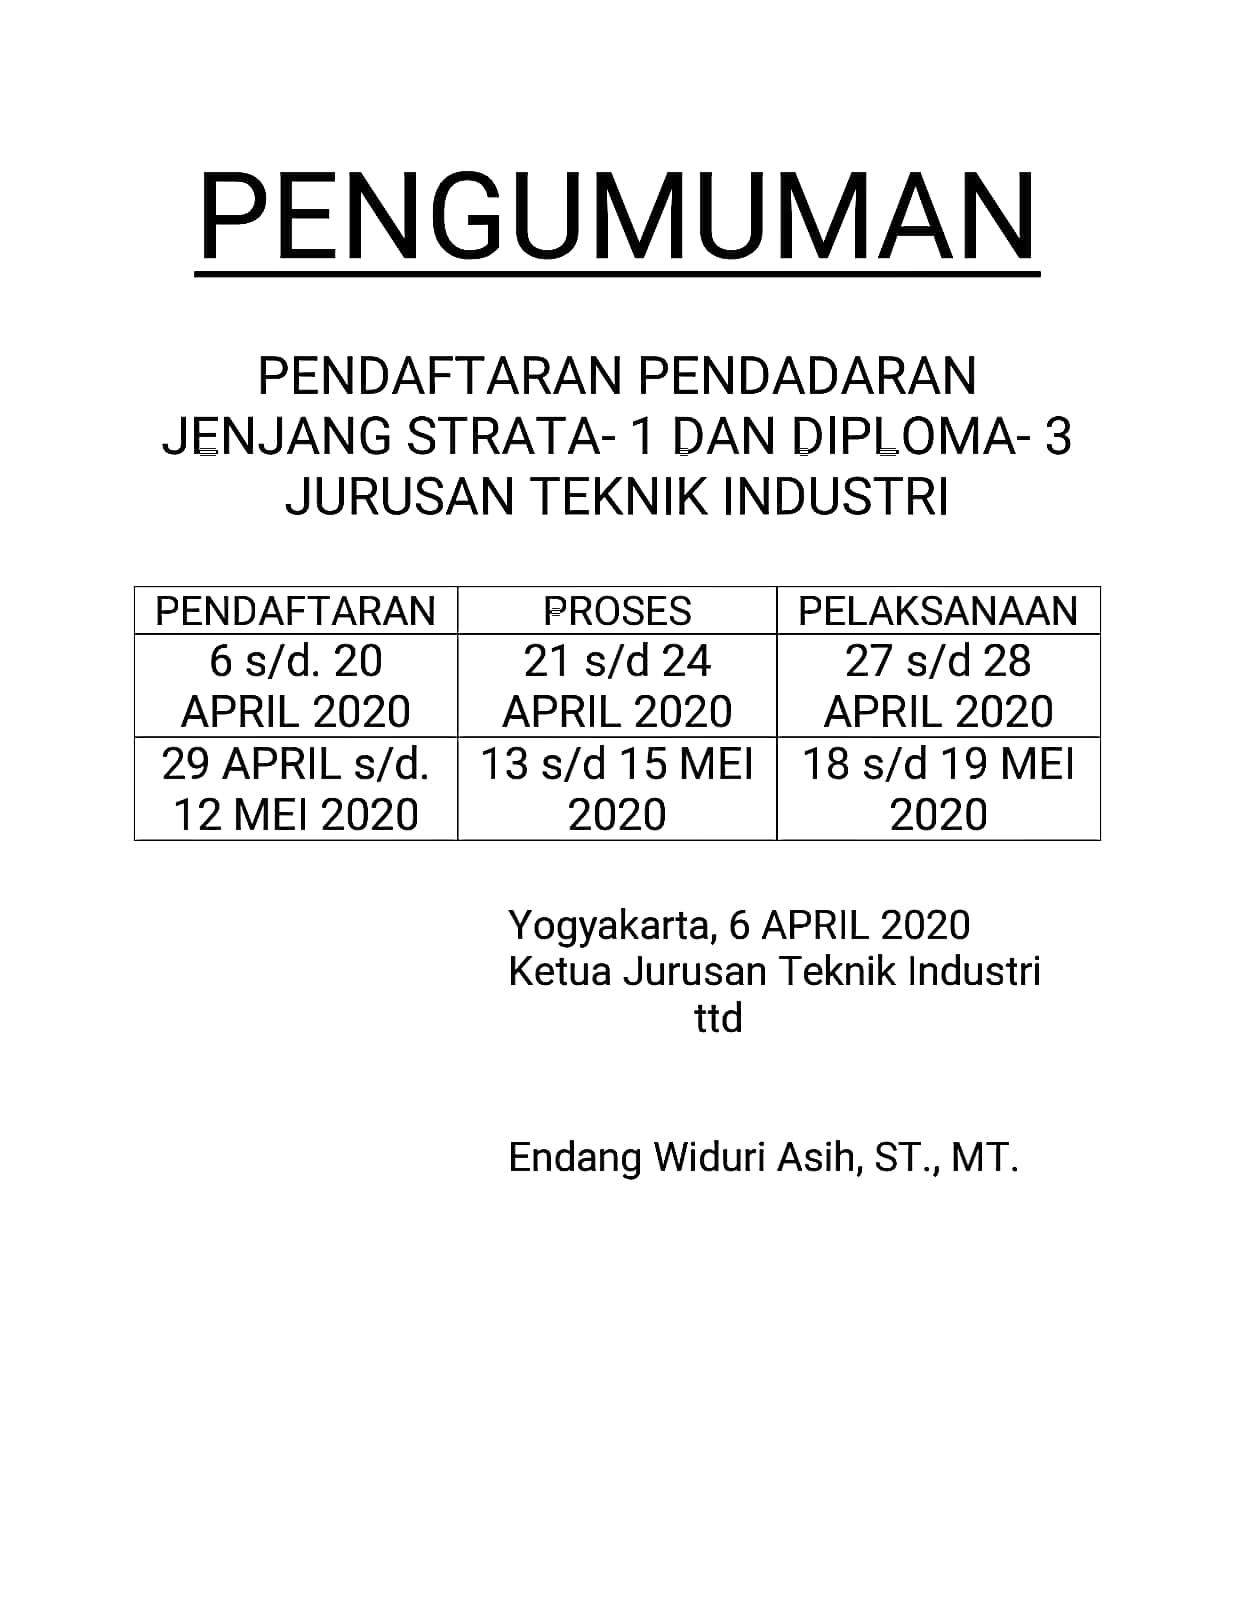 Pendaftaran Pendadaran S-1 dan D-3 Jurusan Teknik Industri